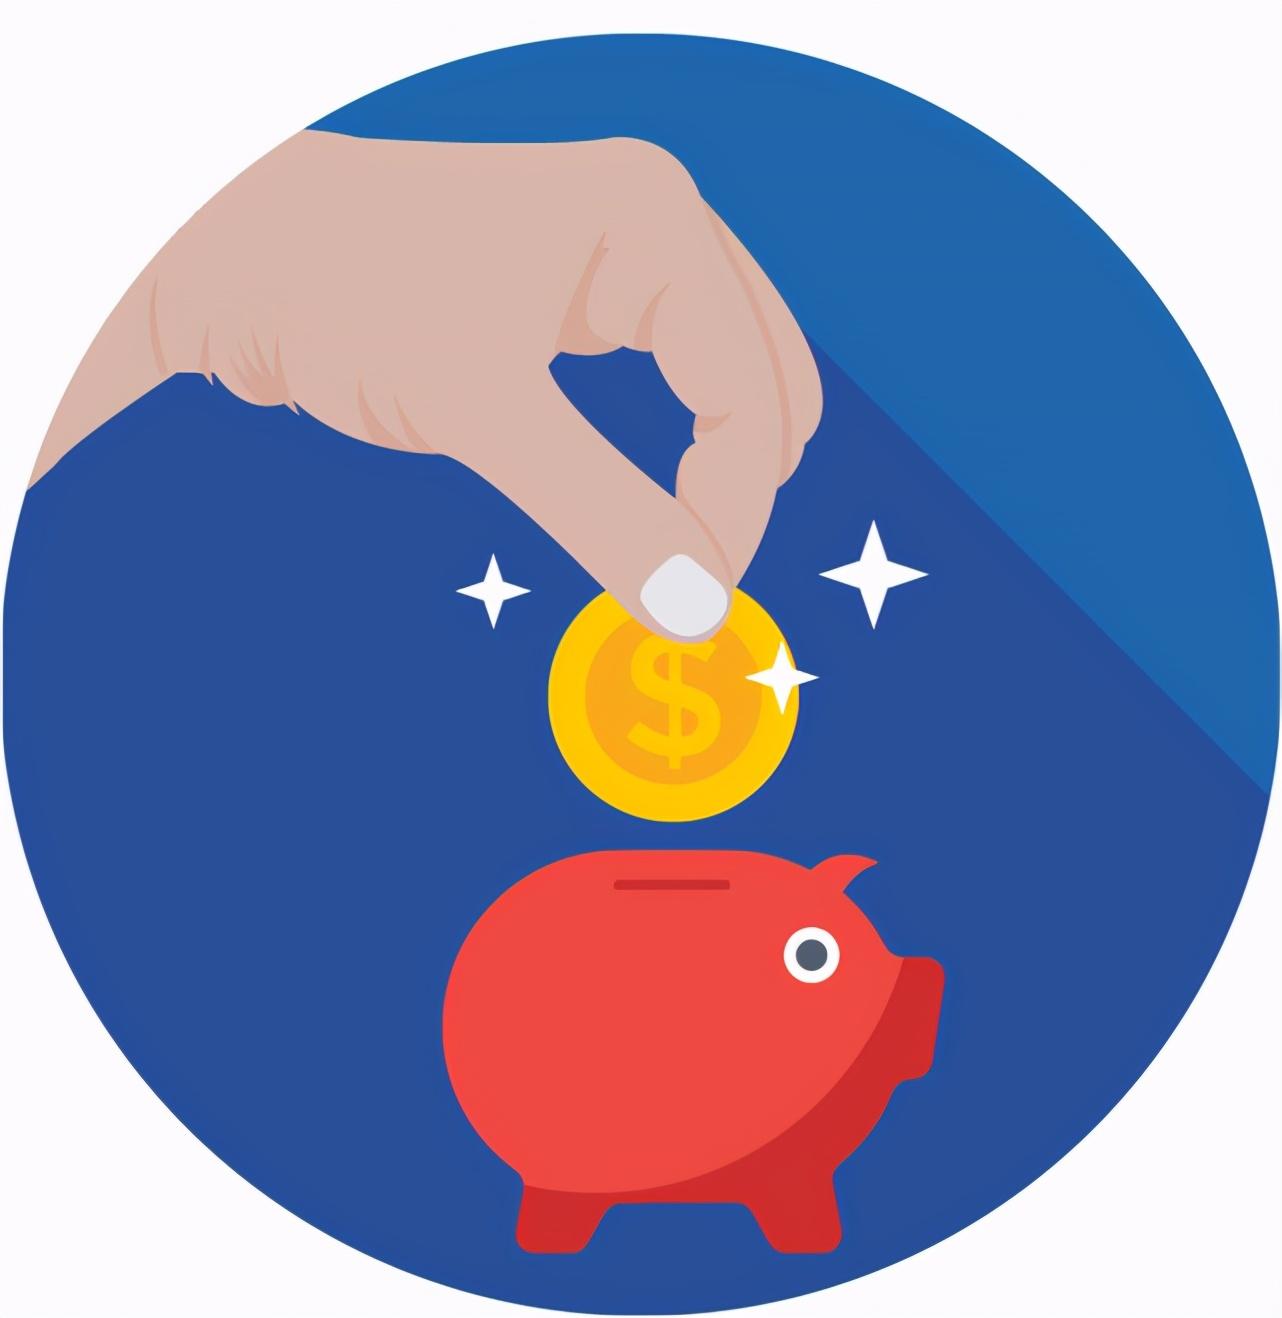 会赚钱的人拥有的四个理财习惯:原来这么简单